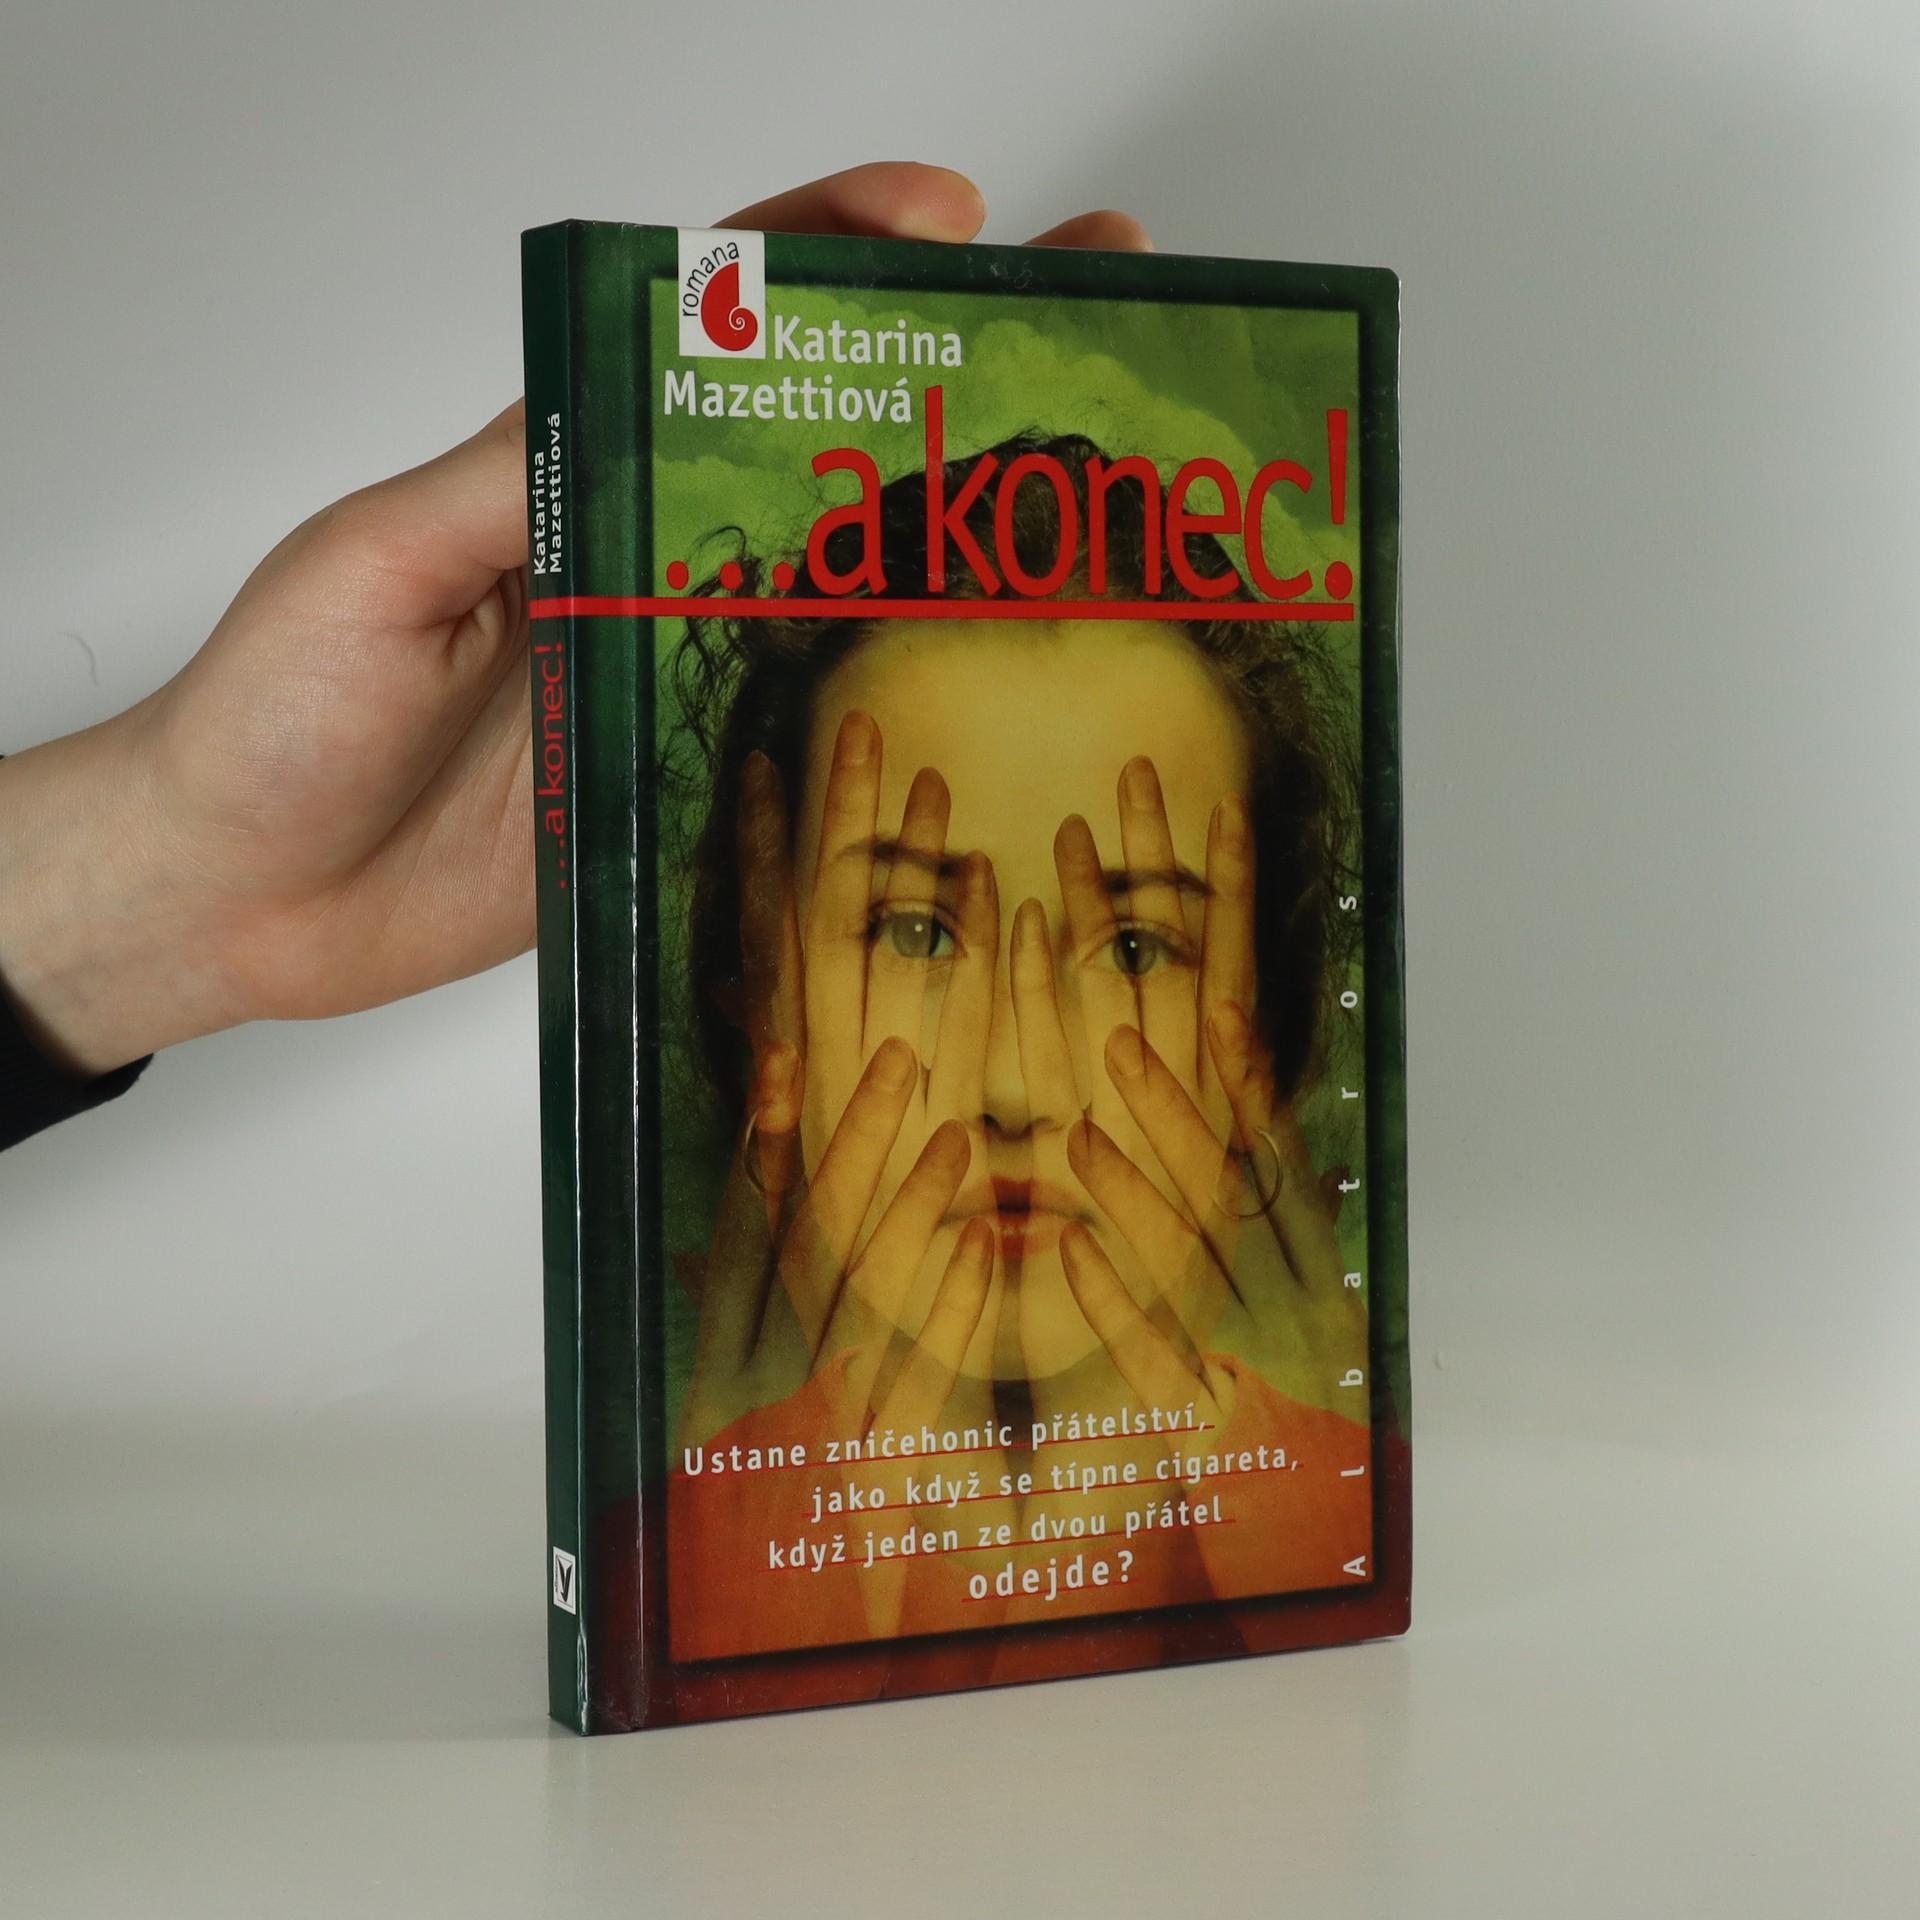 antikvární kniha ...a konec!, 1999